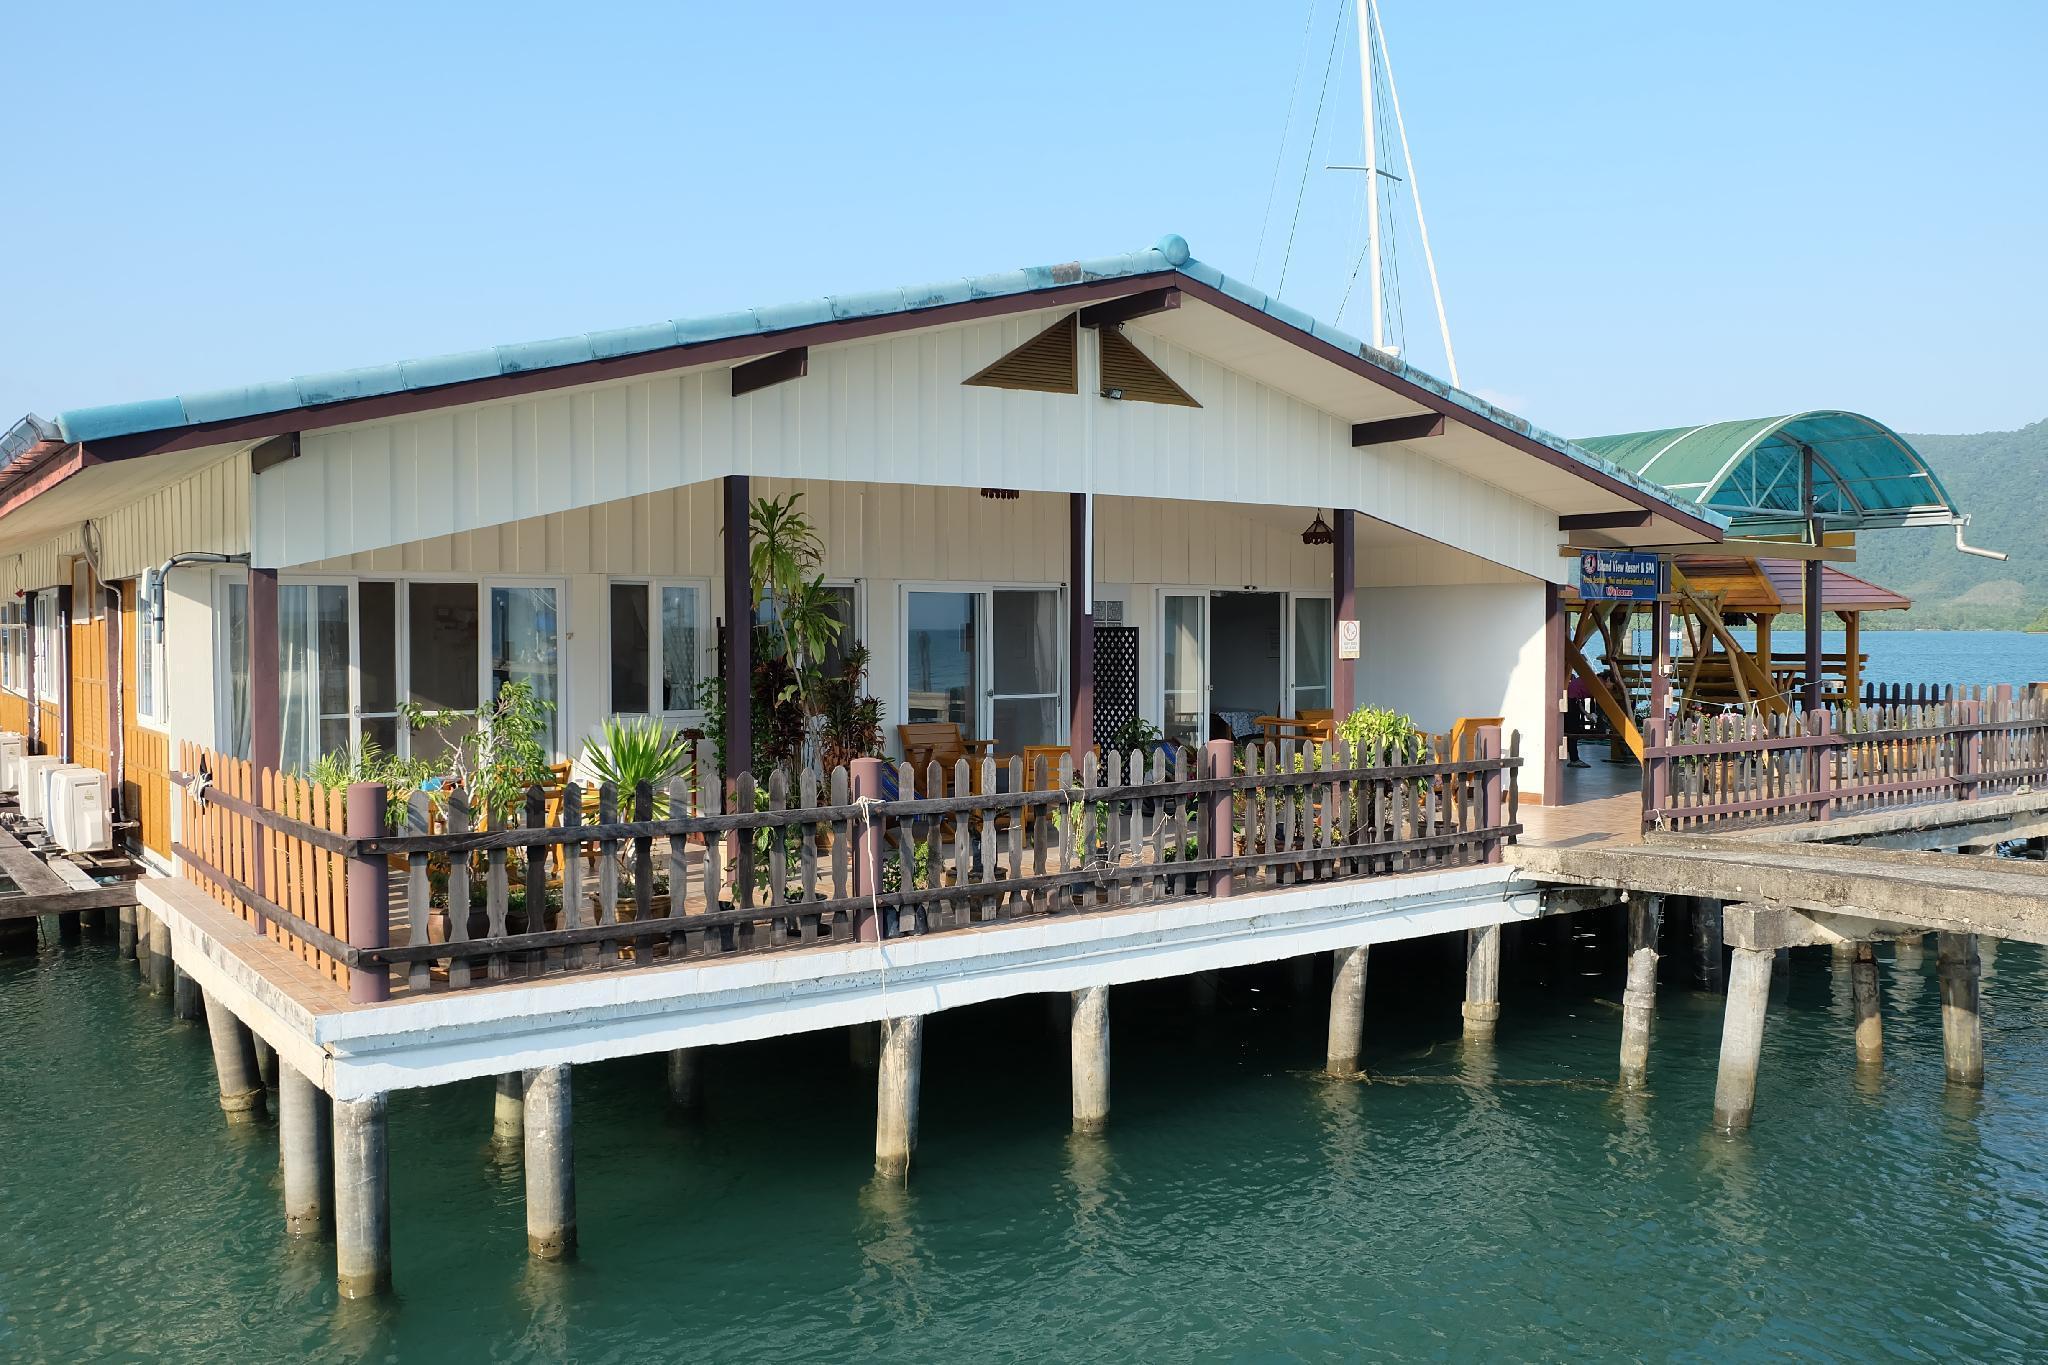 Island View Resort & Spa ไอส์แลนด์ วิว รีสอร์ท แอนด์ สปา